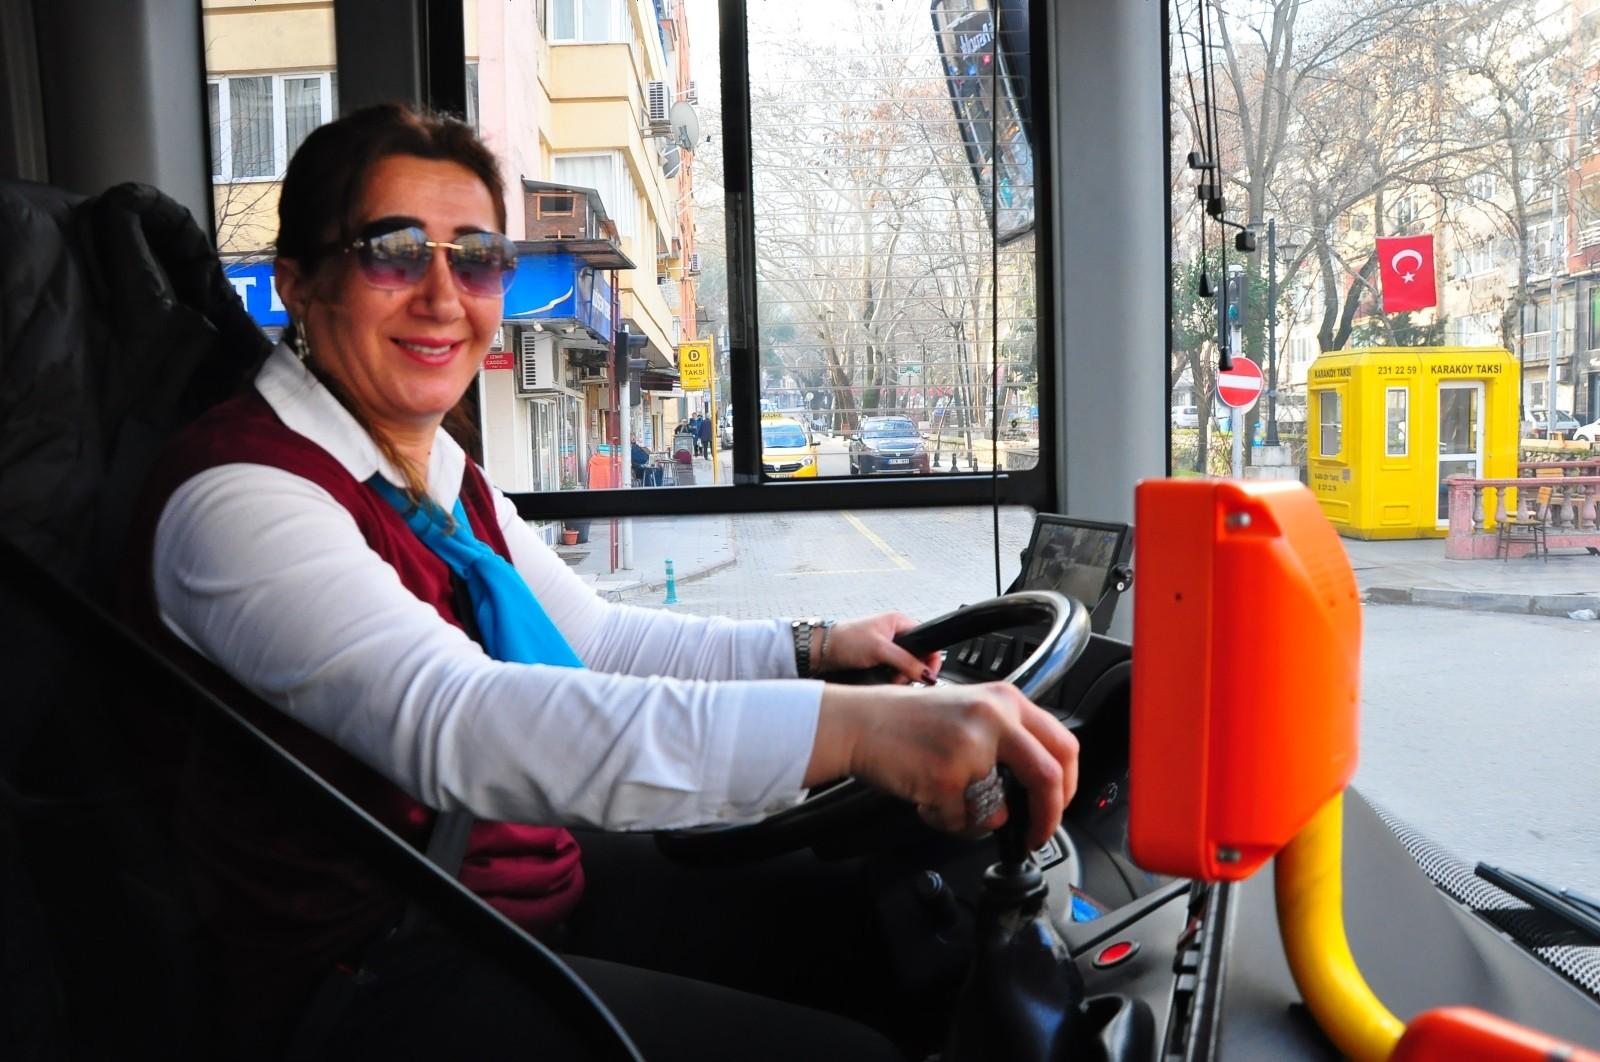 Telefona bakarken kaza yapan toplu taşıma şoförü Fatma Güngör işten atıldı